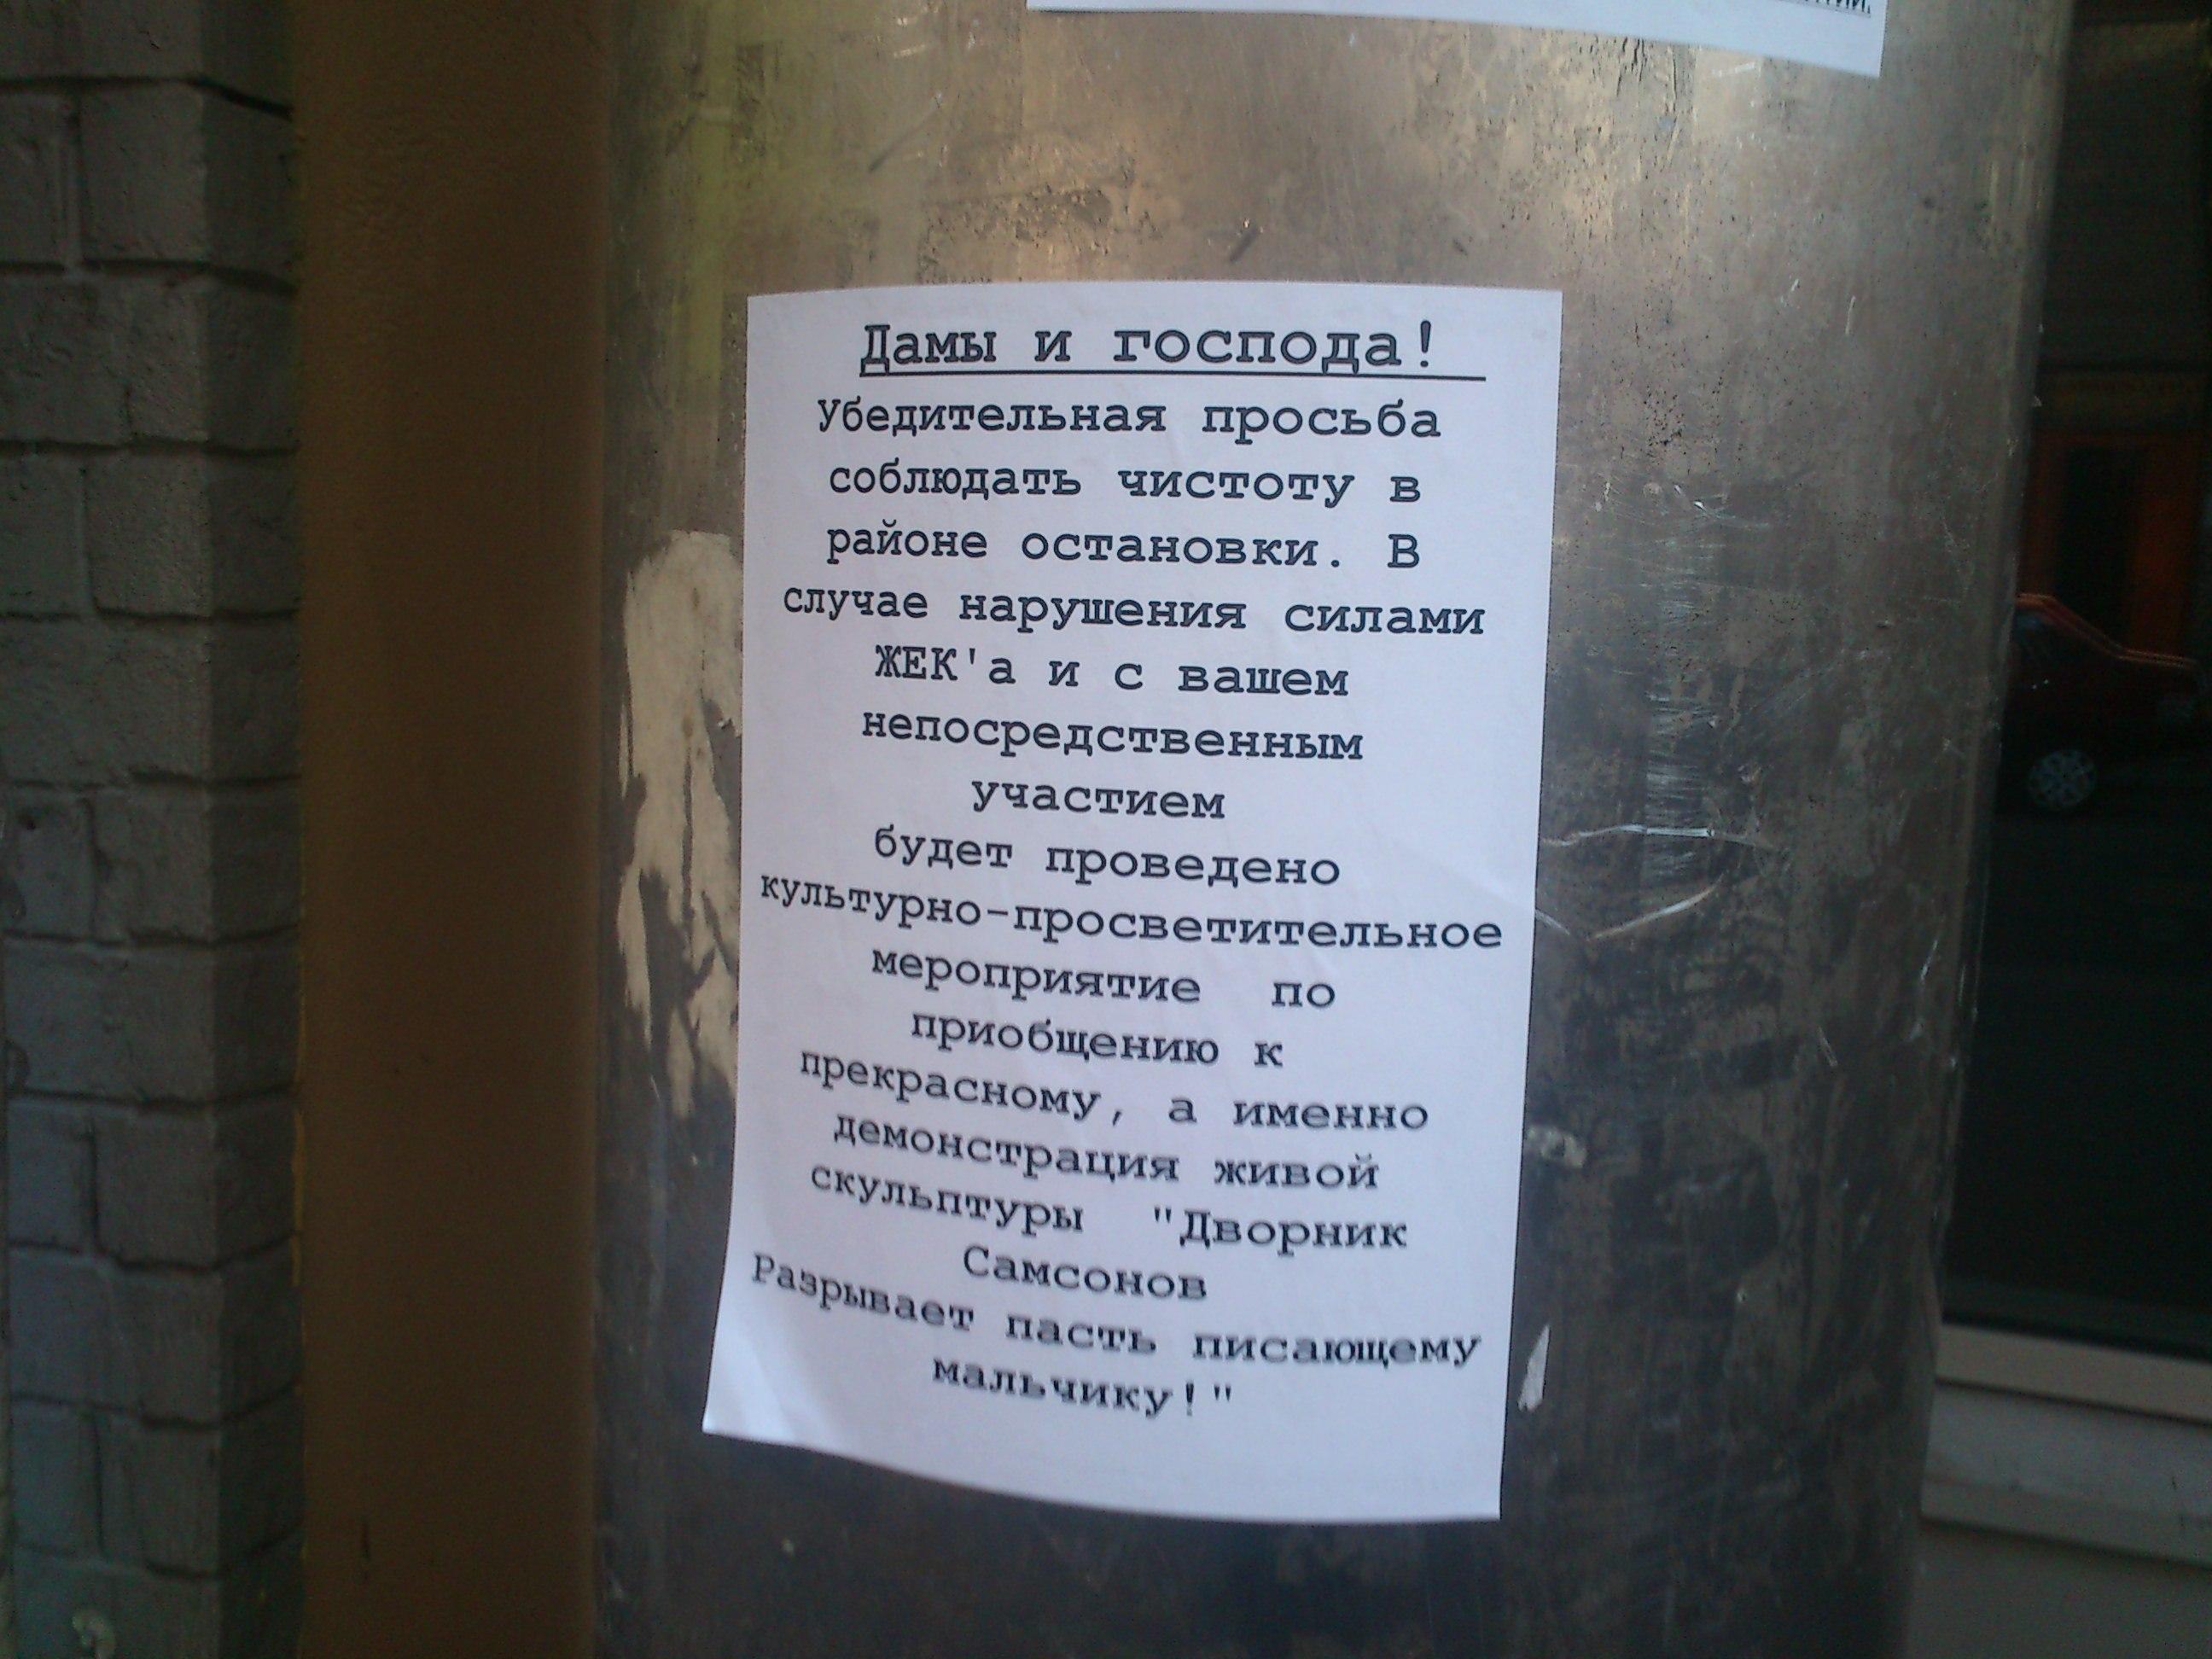 объявление для соседей чтоб не мусорили образец